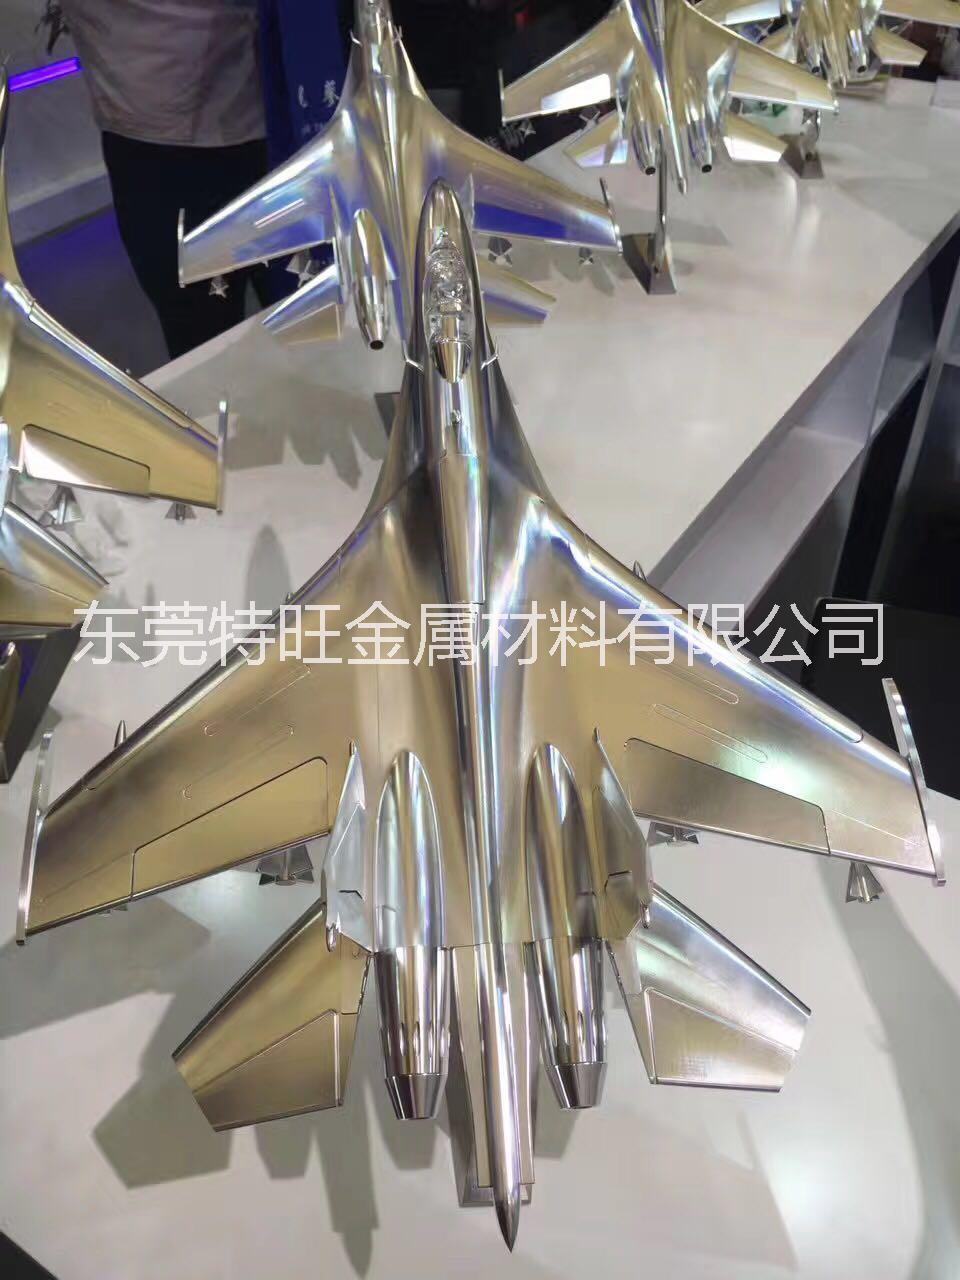 镜面铝多少钱一公斤